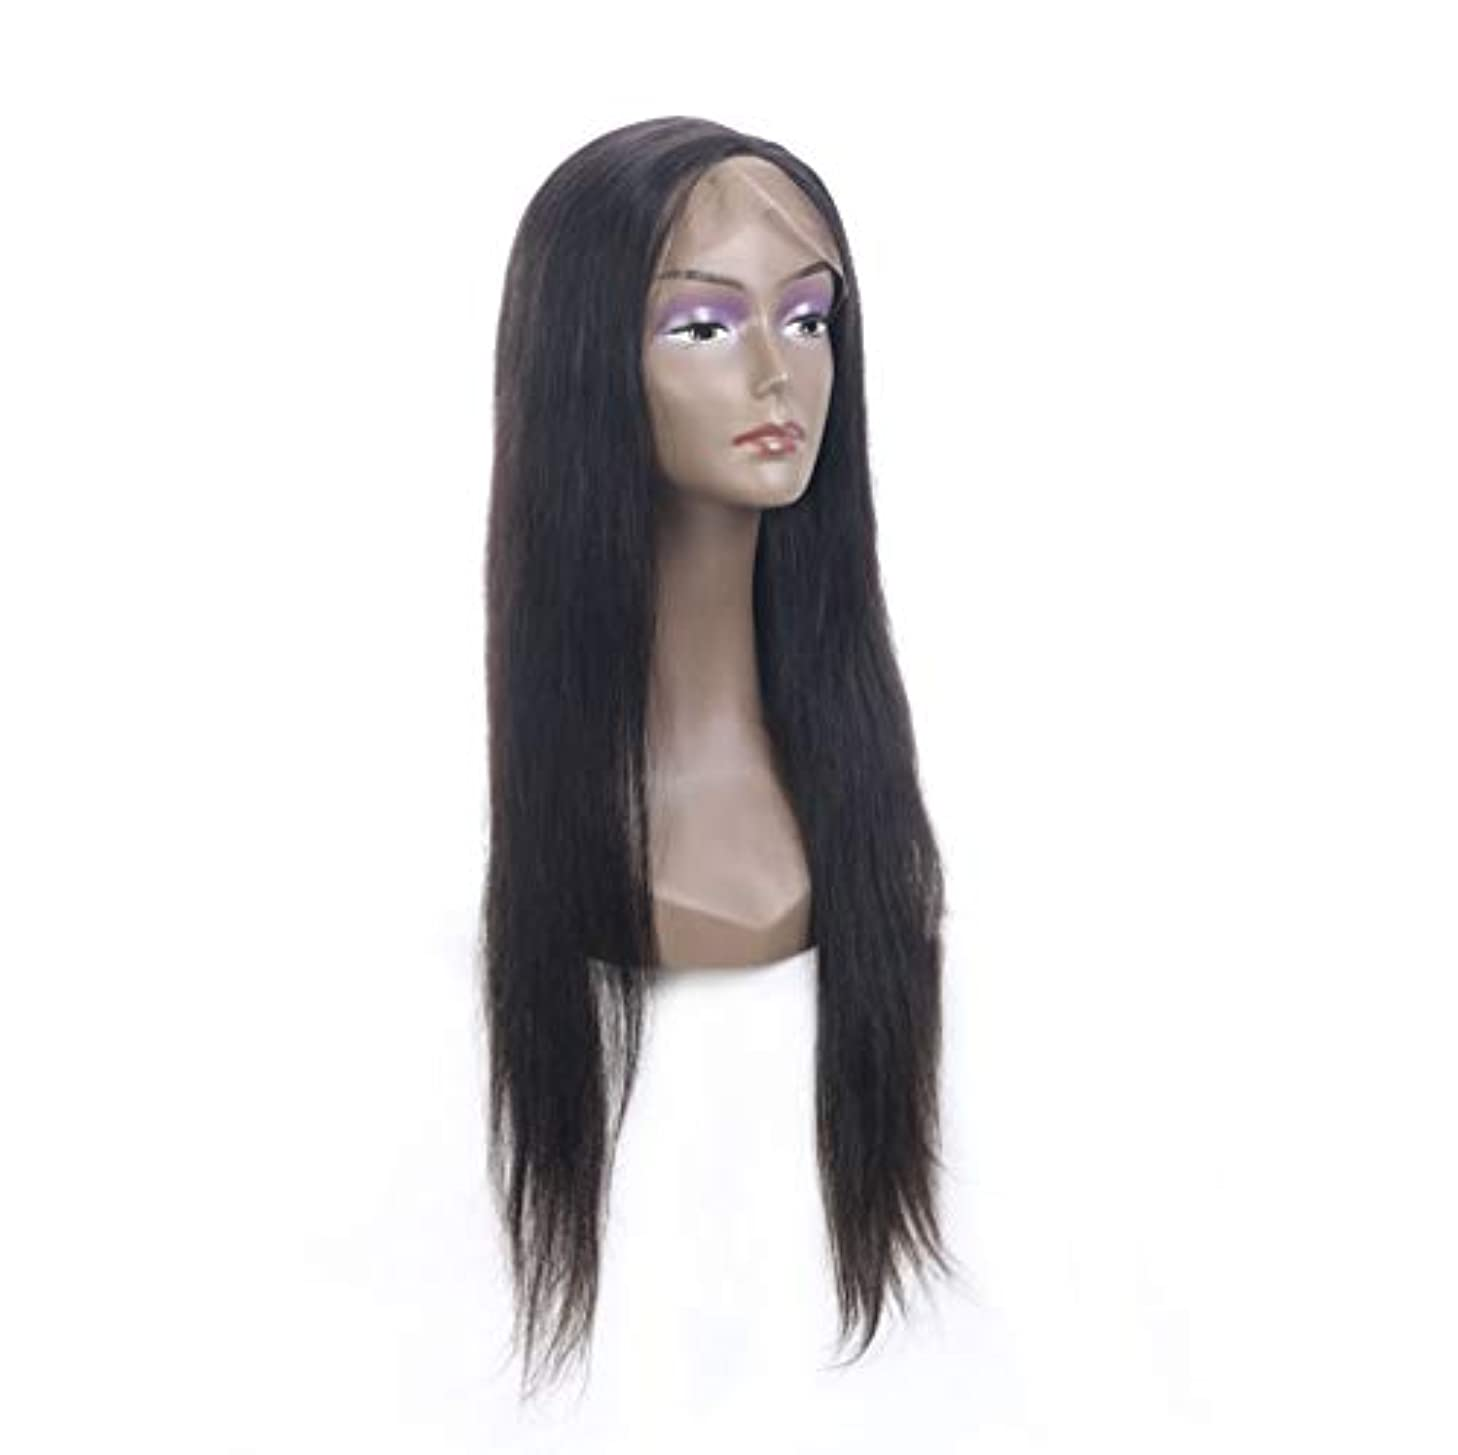 読み書きのできないスキッパーカセット女性レースフロント人毛ウィッグで摘み取られた赤ちゃんの髪150%密度バージンブラジルストレート人間の髪の毛グルーレスかつら